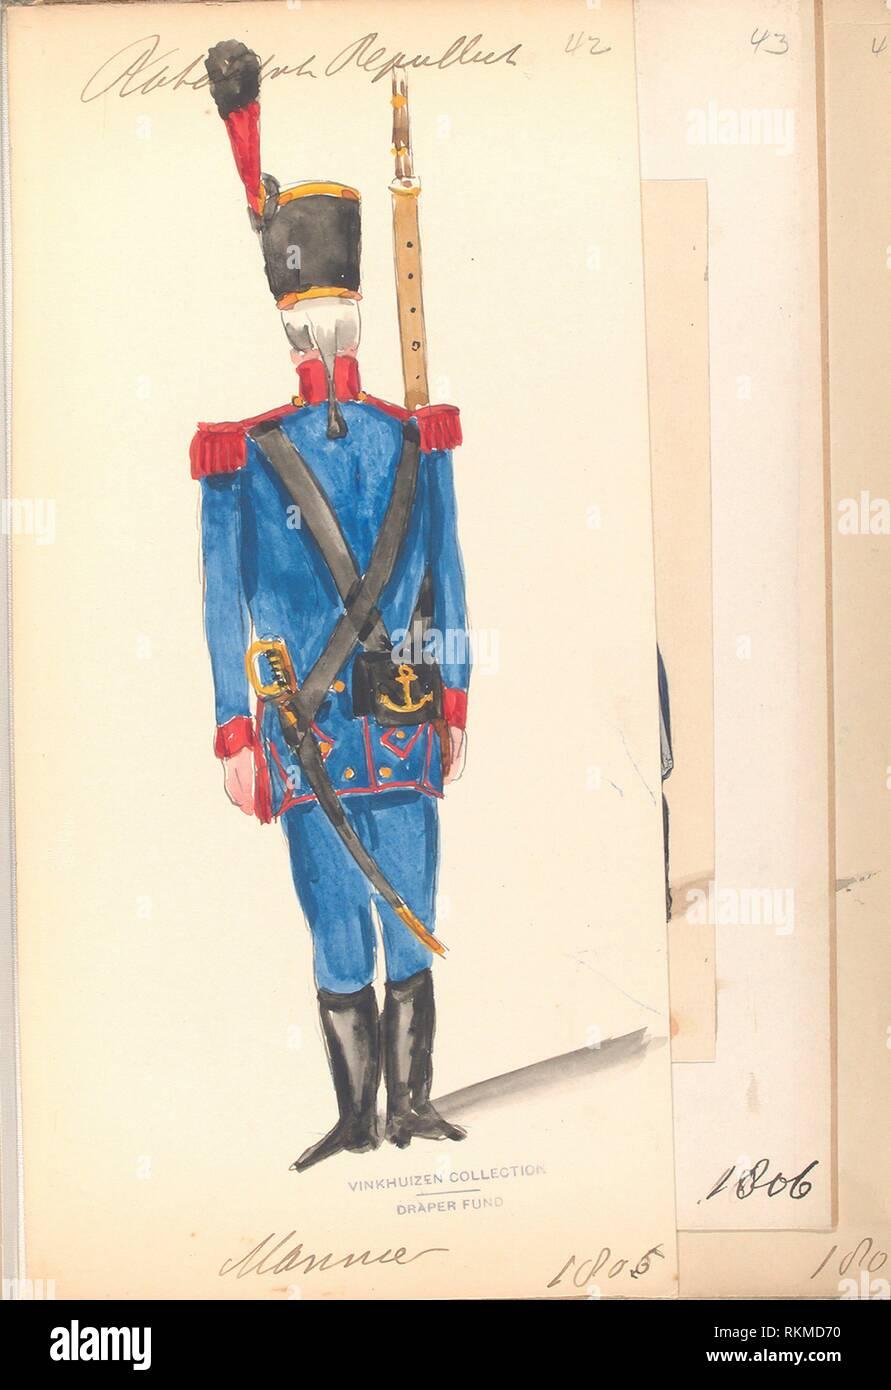 Bataafsche Republiek. Marinier. 1806. Vinkhuijzen, Hendrik Jacobus (Collector). The Vinkhuijzen collection of military uniforms Netherlands - Stock Image